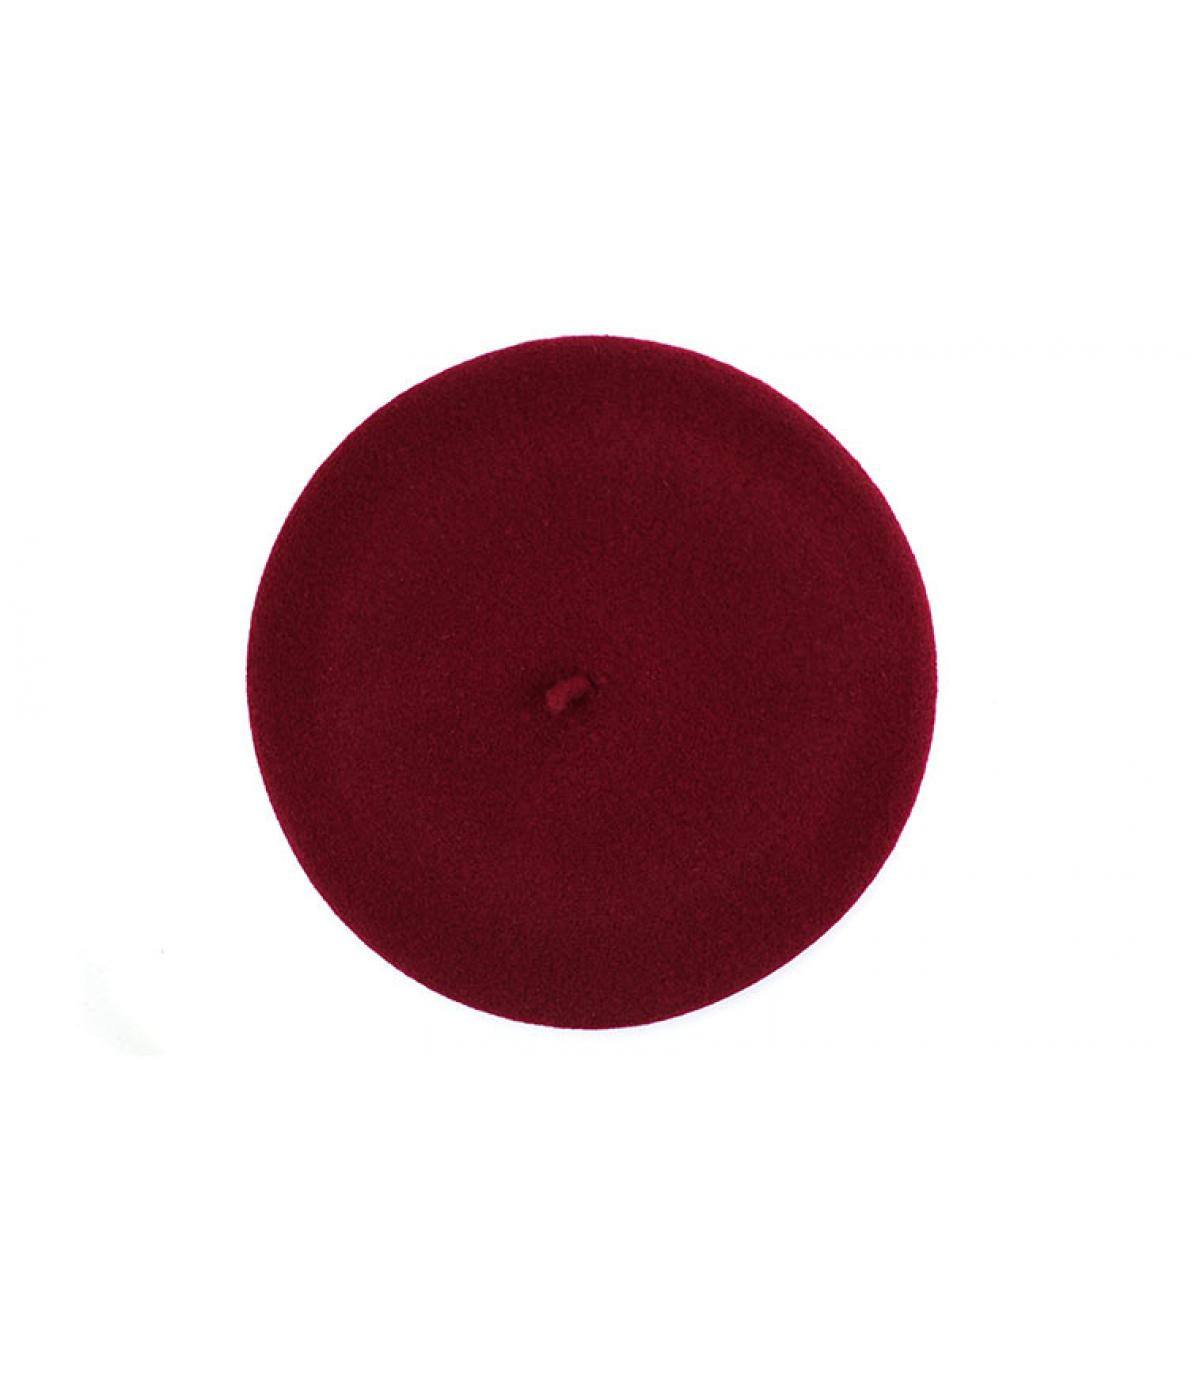 Détails L'authentique burgundy - image 2